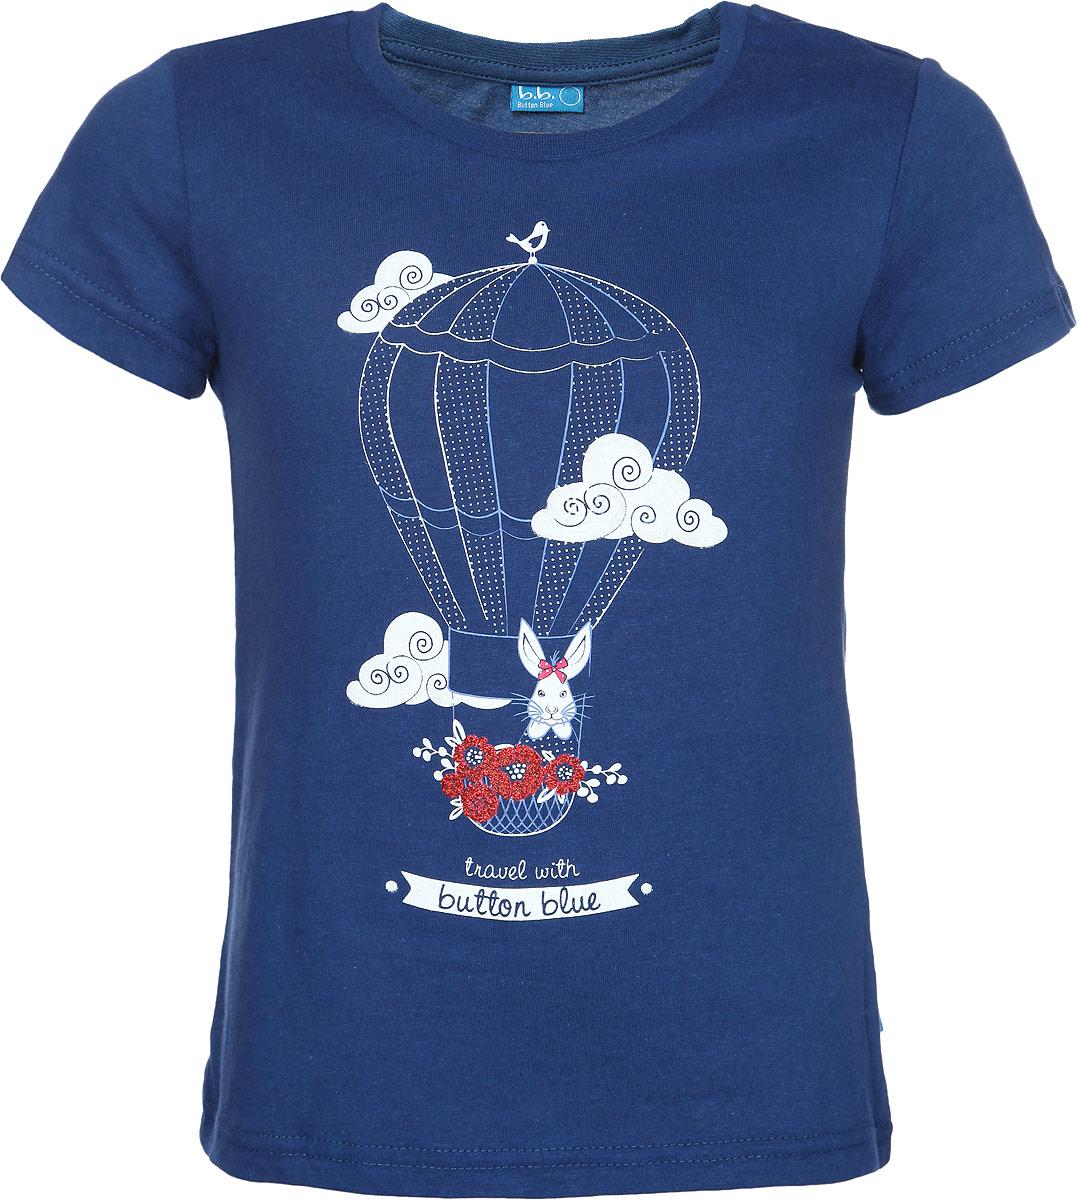 Футболка для девочки. 116BBGB1212116BBGB1212Стильная футболка для девочки Button Blue идеально подойдет вашей дочурке. Изготовленная из натурального хлопка, она мягкая и приятная на ощупь, не сковывает движения и позволяет коже дышать, не раздражает даже самую нежную и чувствительную кожу ребенка, обеспечивая наибольший комфорт. Футболка трапециевидного кроя с короткими рукавами и круглым вырезом горловины оформлена термоаппликацией в виде воздушного шара с зайчиком и украшена блестящим напылением. Современный дизайн и модная расцветка делают эту футболку стильным предметом детского гардероба. В ней ваша дочурка будет чувствовать себя уютно и комфортно, и всегда будет в центре внимания!